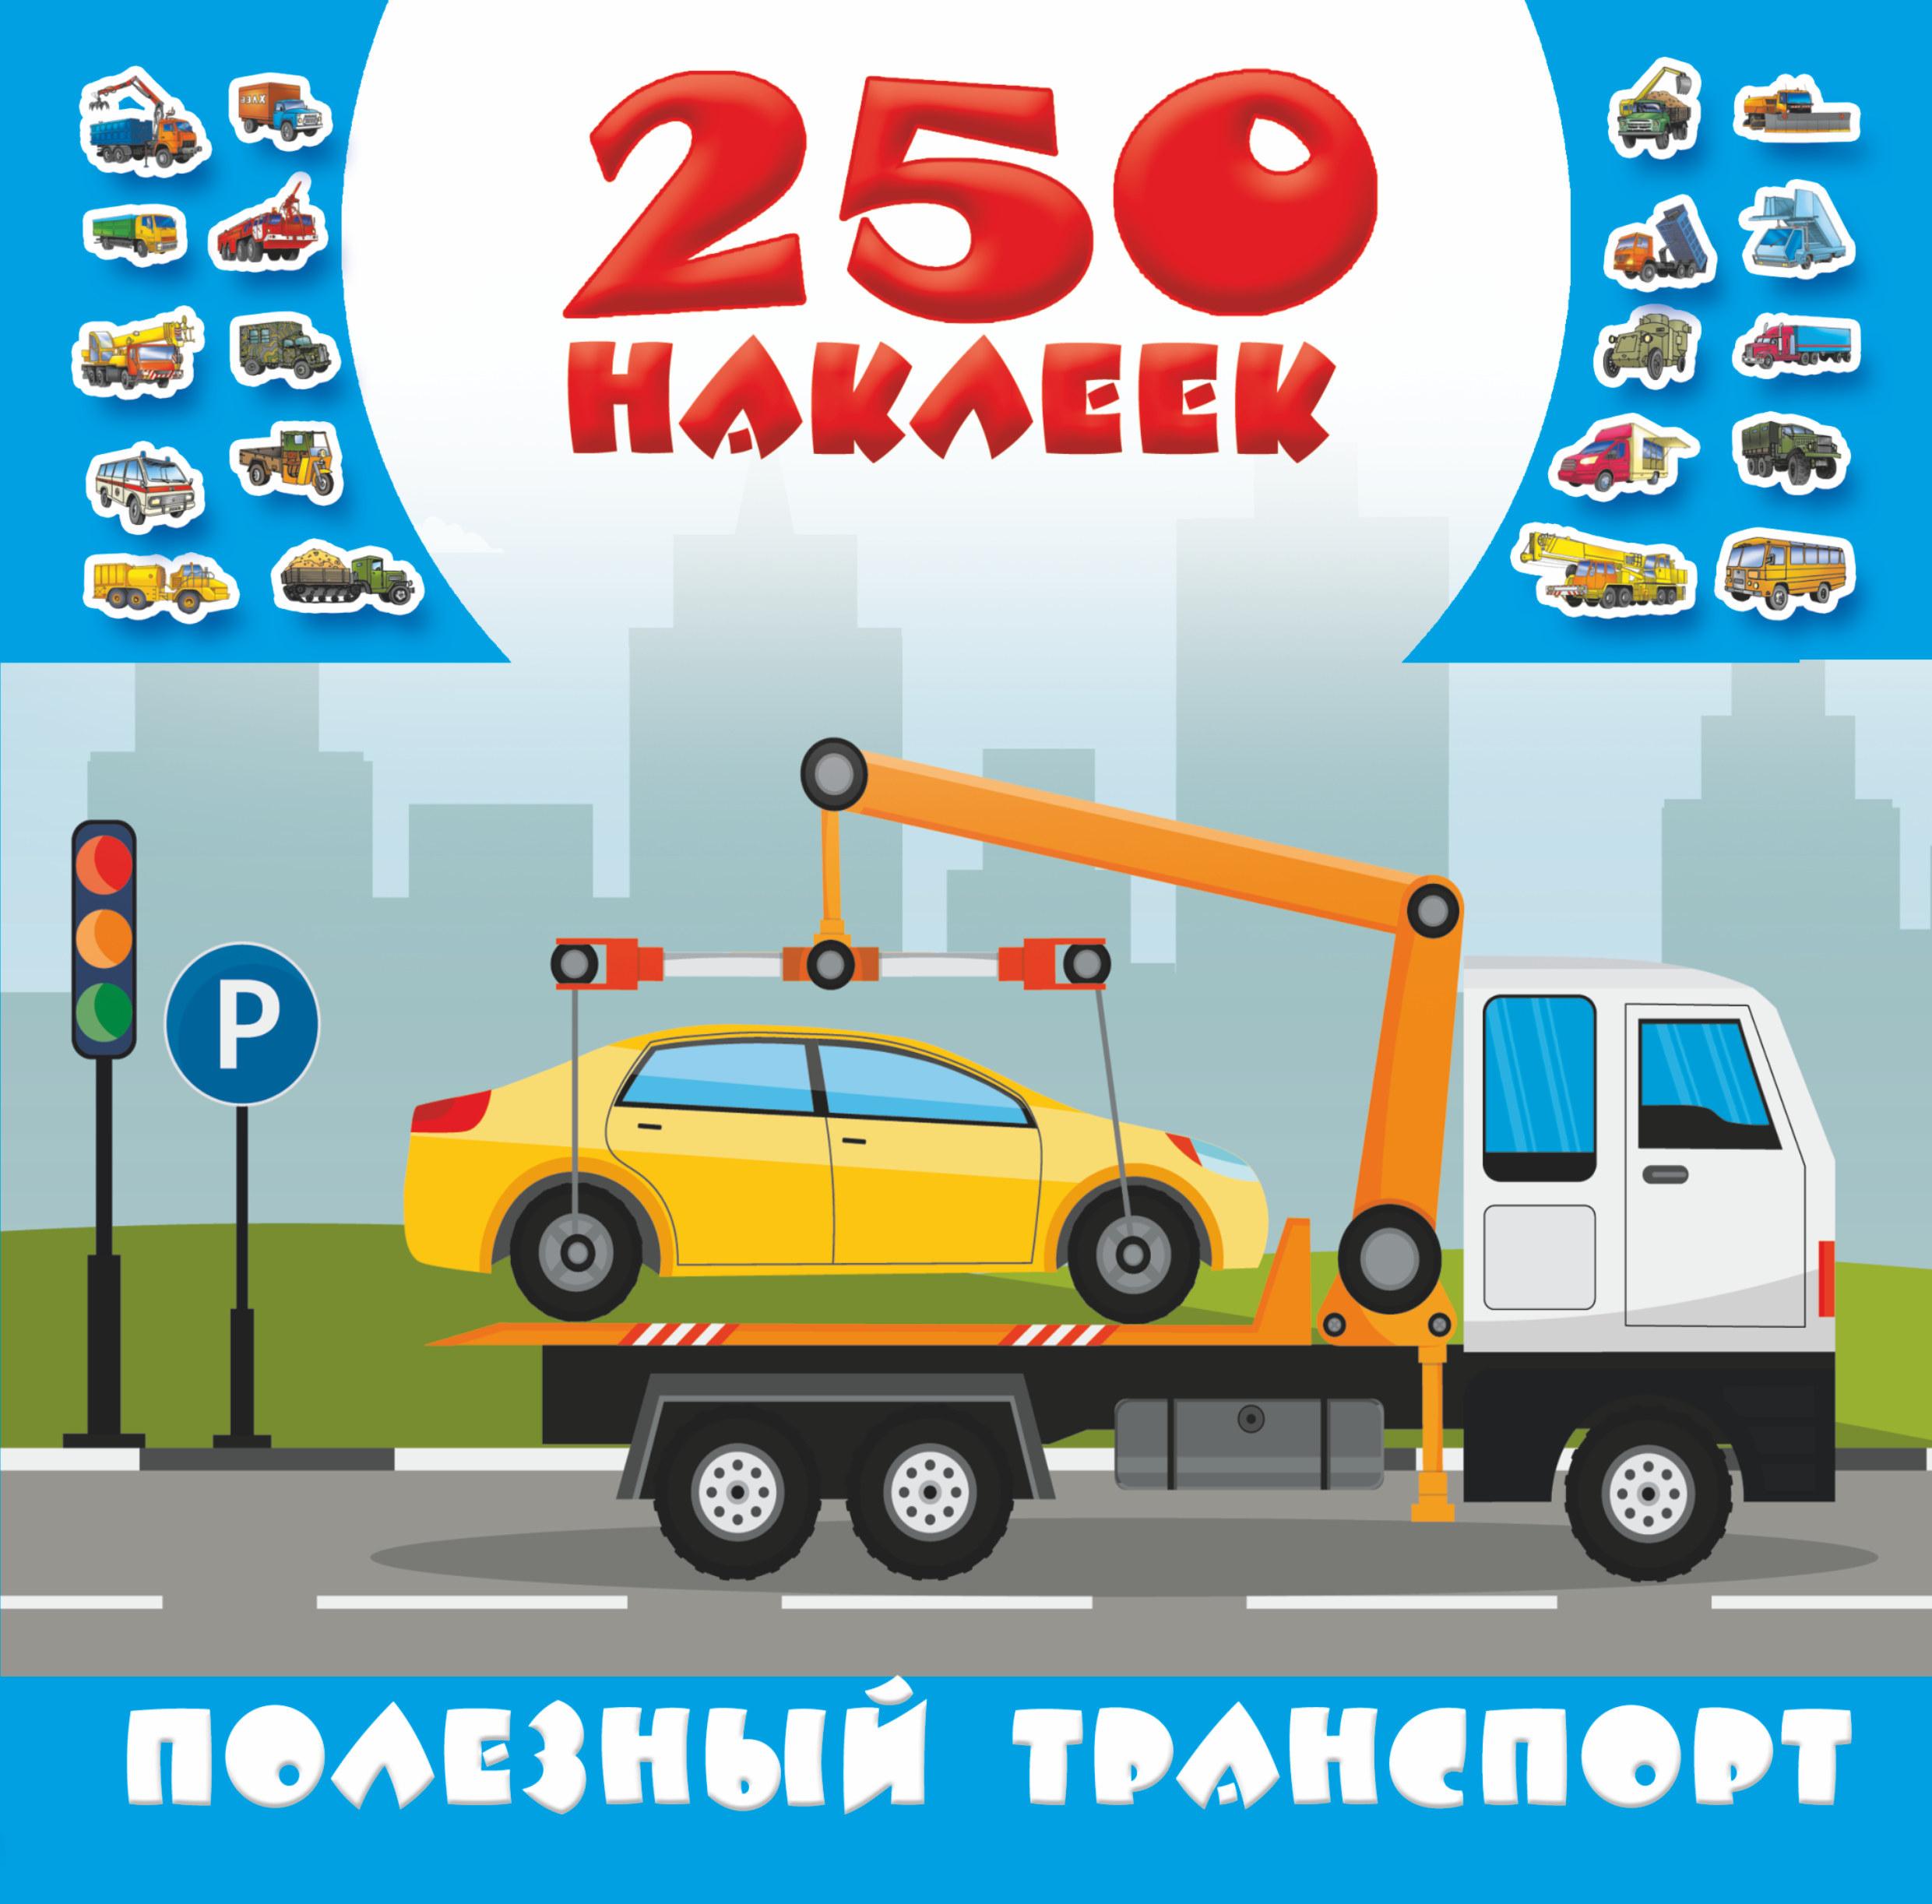 Рахманов А., Глотова В.Ю. Полезный транспорт глотова в рахманов а илл в мире животных 500 наклеек